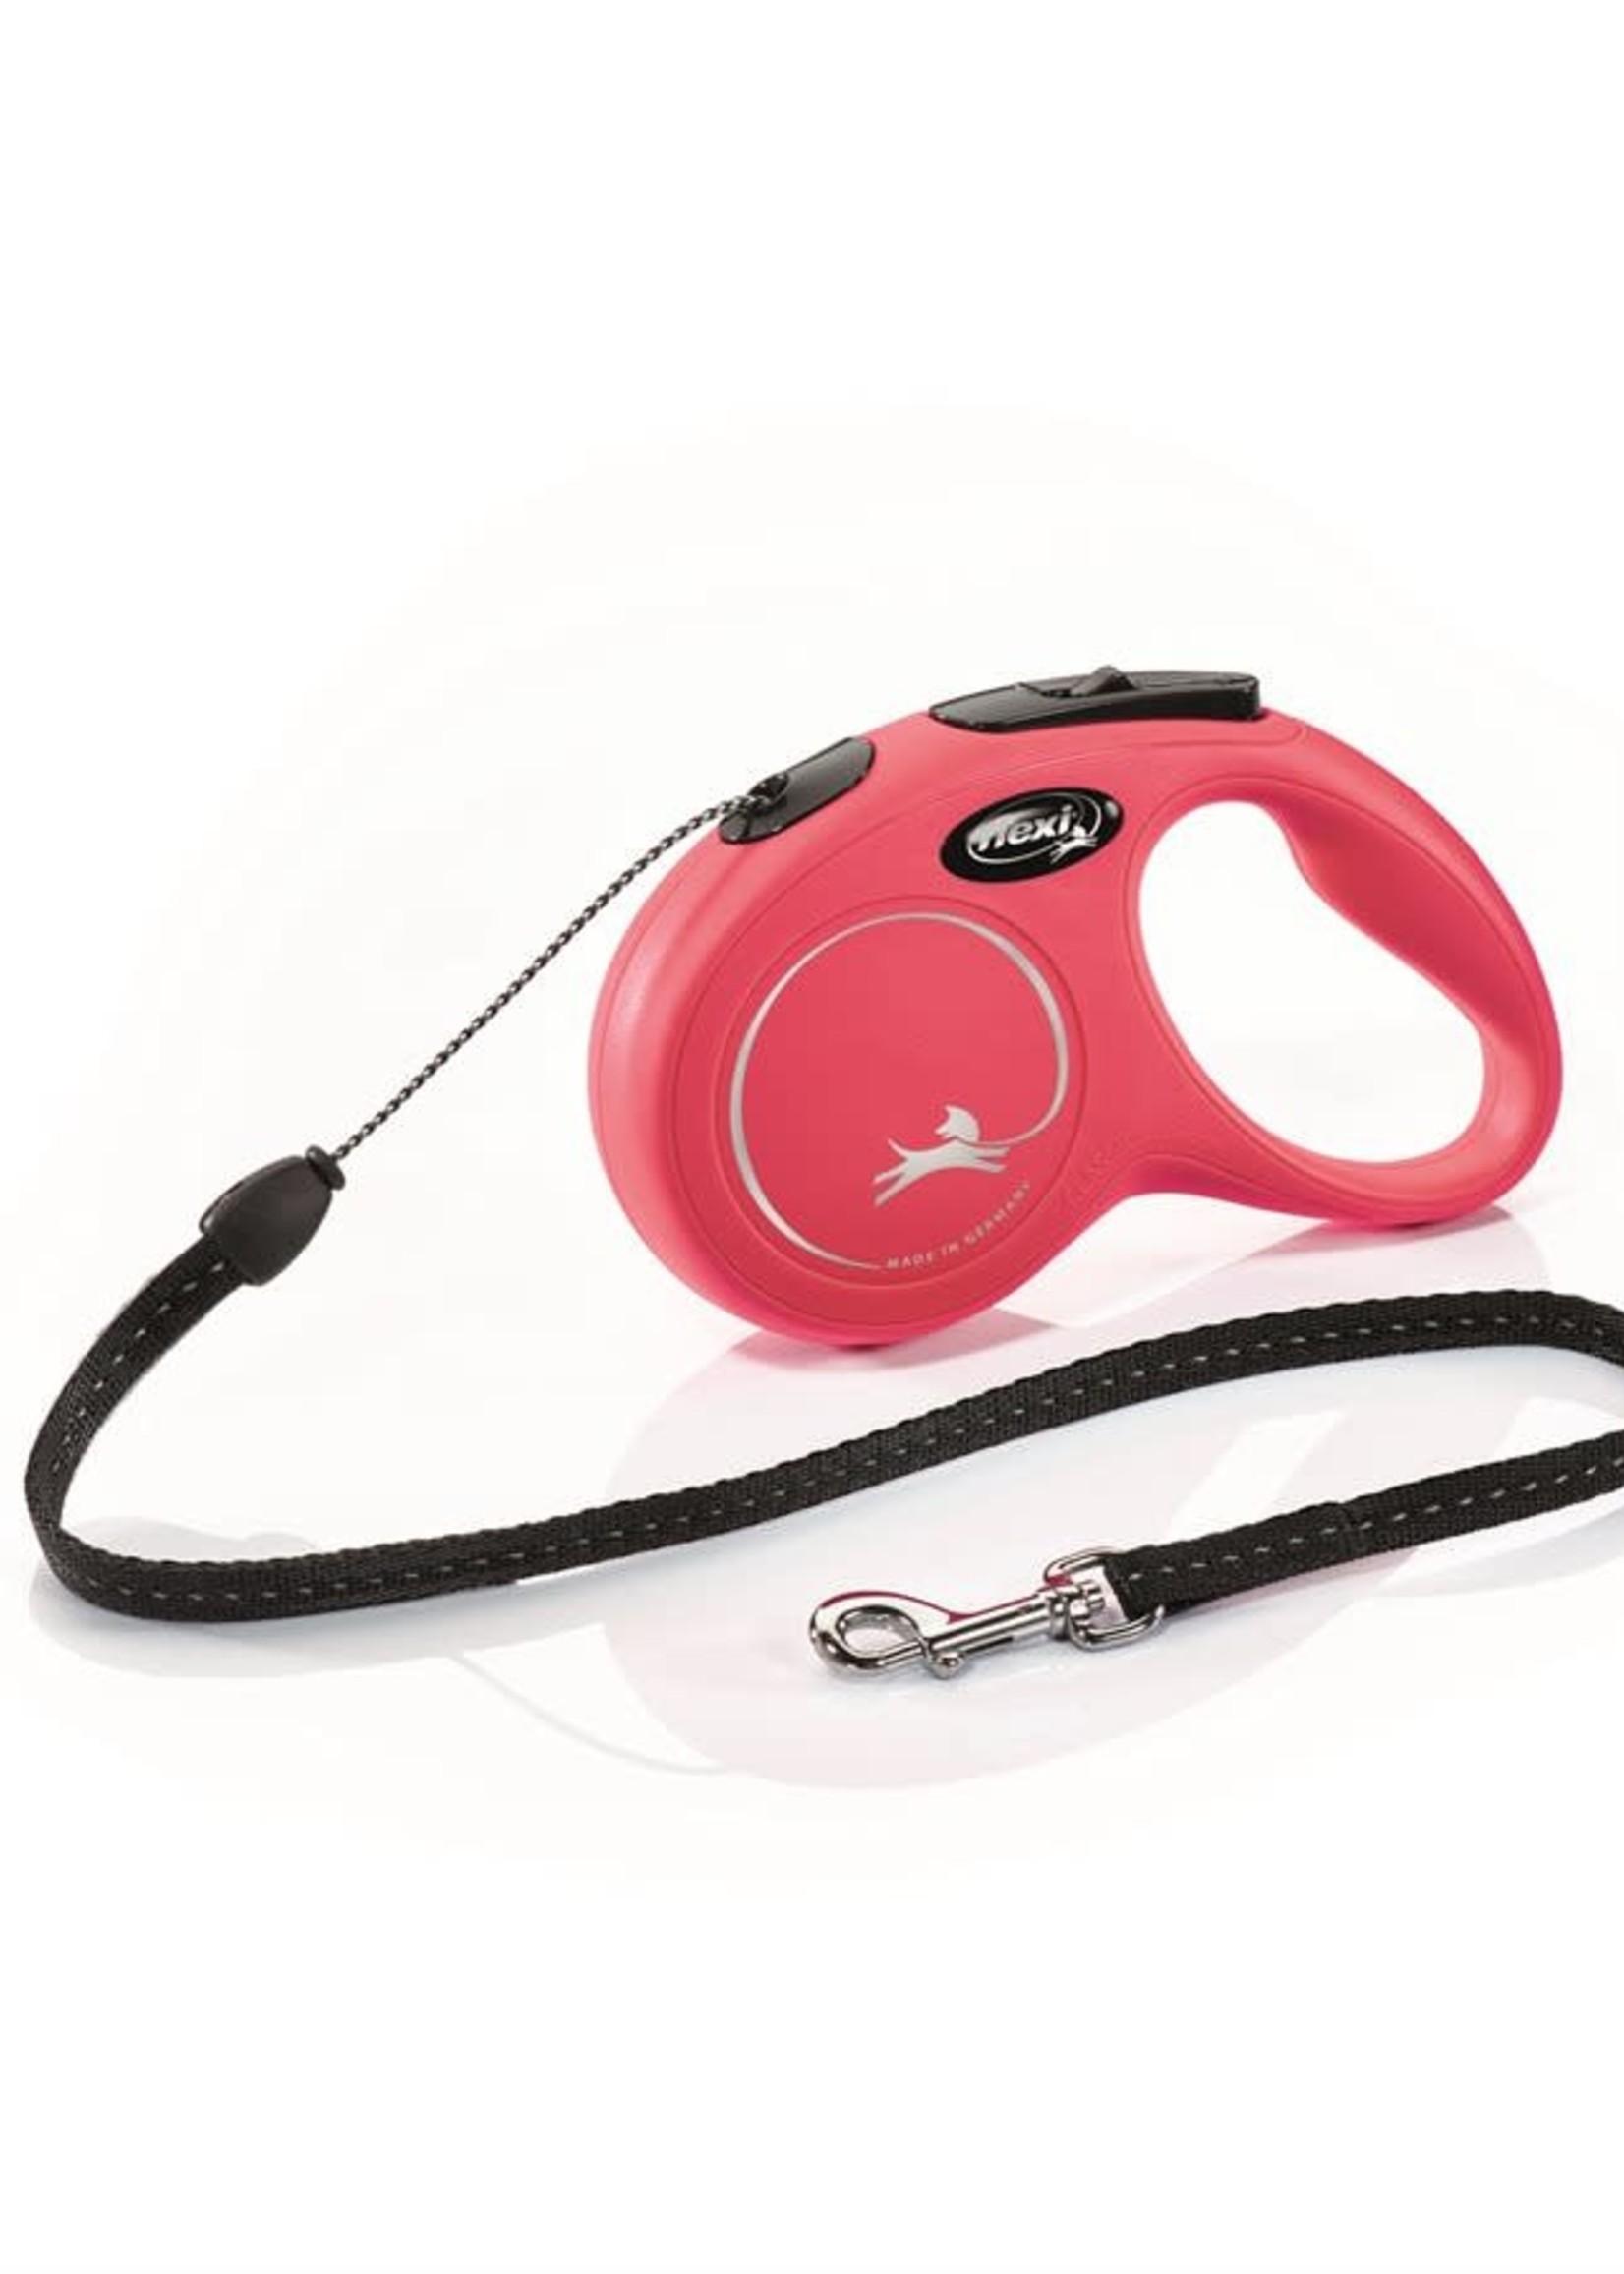 Flexi® FLEXI RETRACTABLE LEASH CLASSIC CORD 5m RED Small